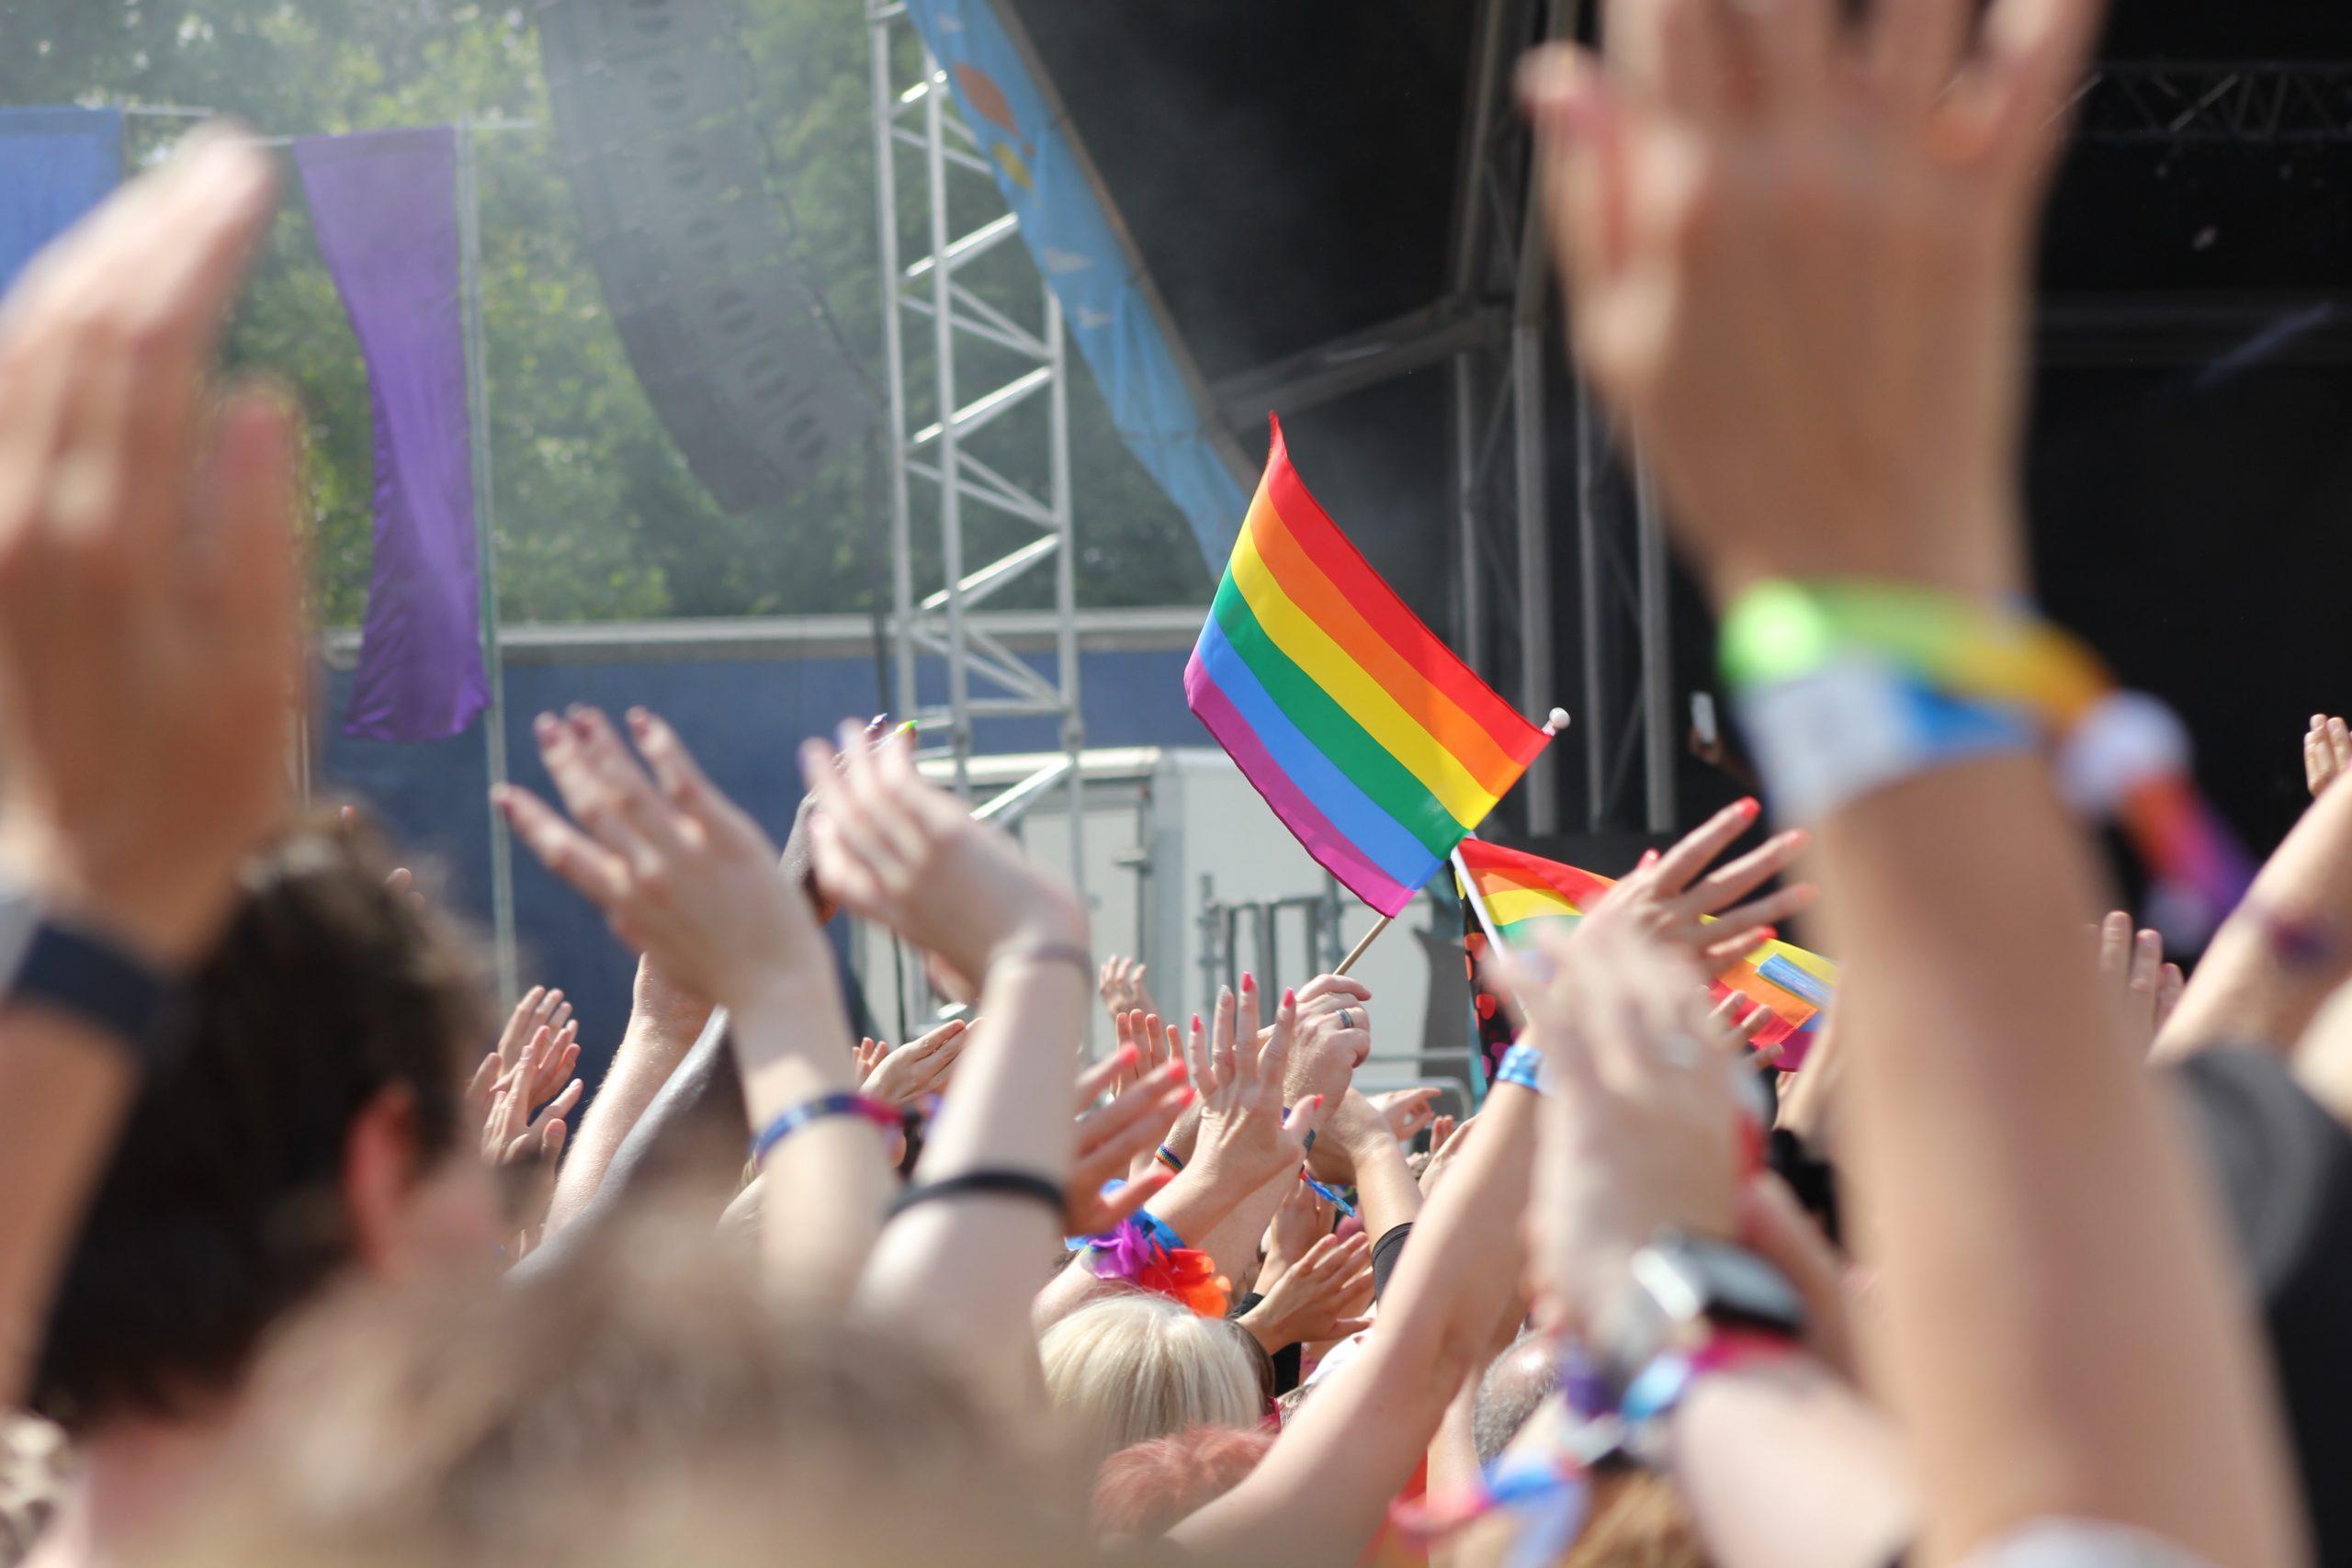 Bucharest Pride și Marșul Normalității au loc sâmbătă în centrul Bucureștiului. La ce oră sunt organizate cele două marșuri